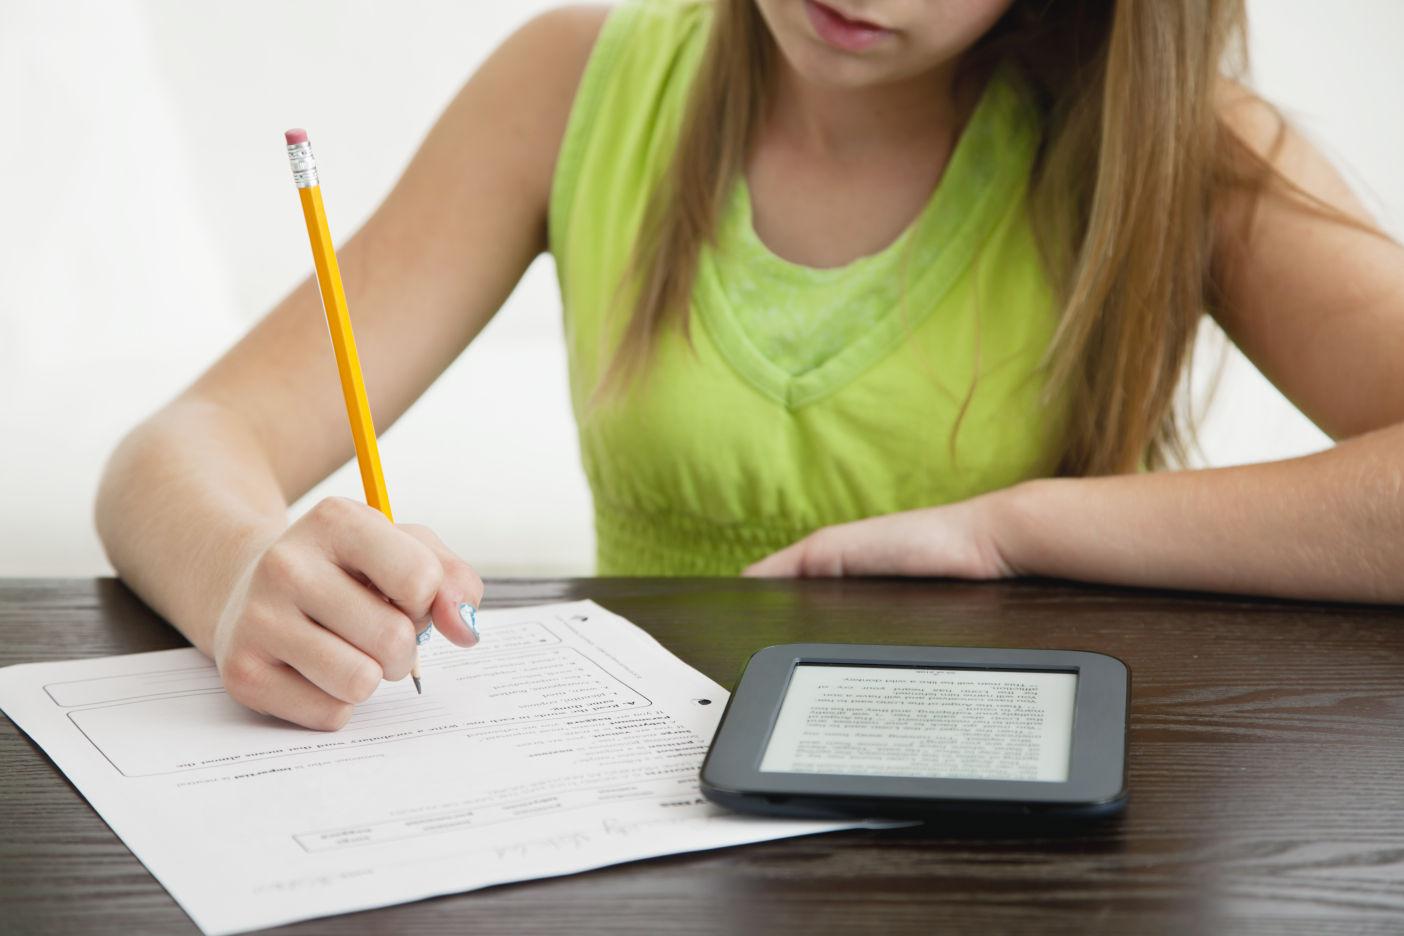 literature homework help